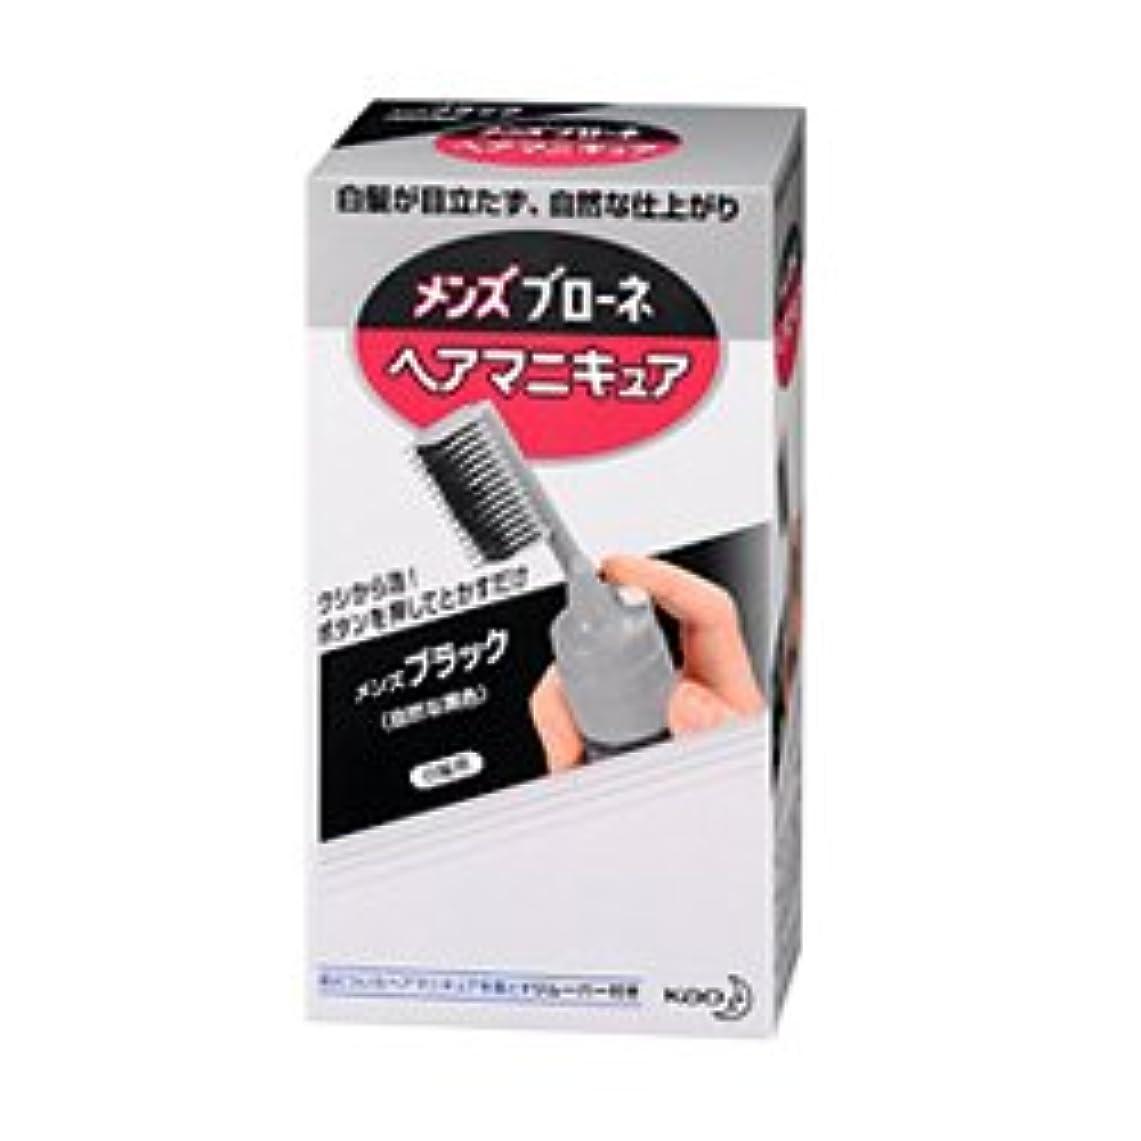 計算する安心させる肉【花王】メンズブローネ ヘアマニキュア白髪用 メンズブラック ×10個セット